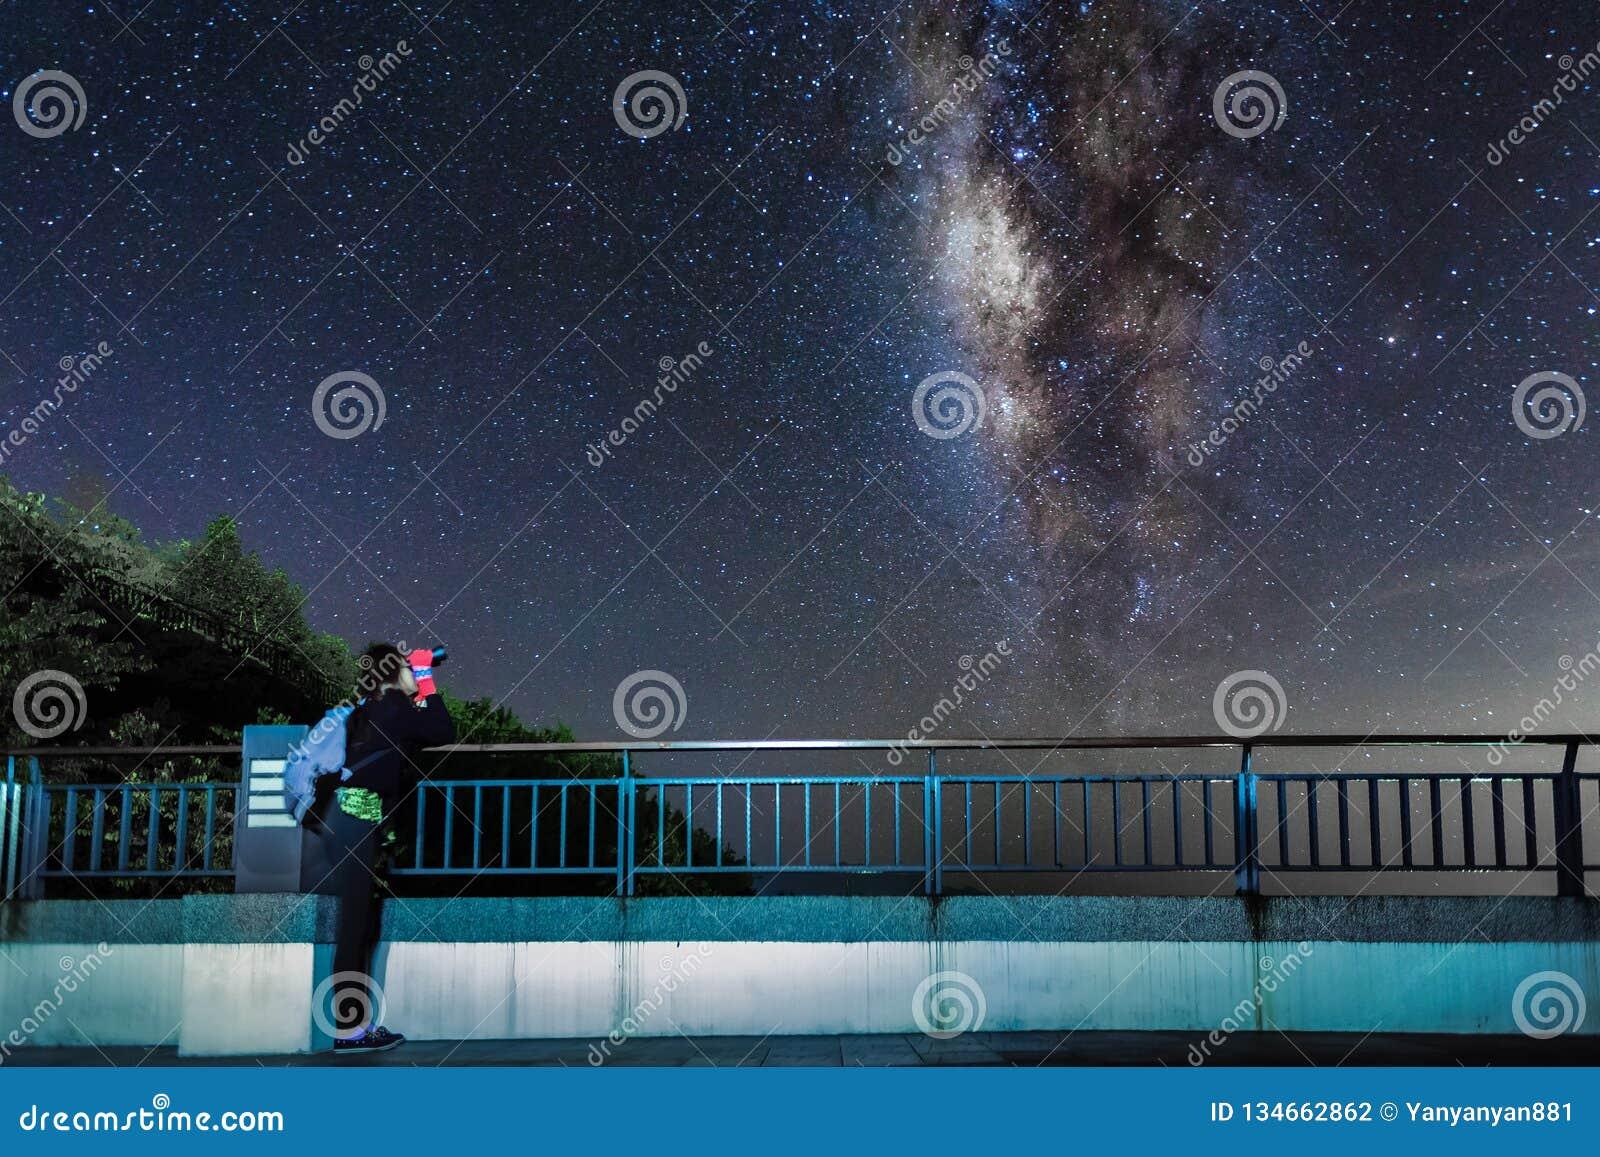 La jeune fille regarde le ciel nocturne et la galaxie de manière laiteuse avec binoculaire